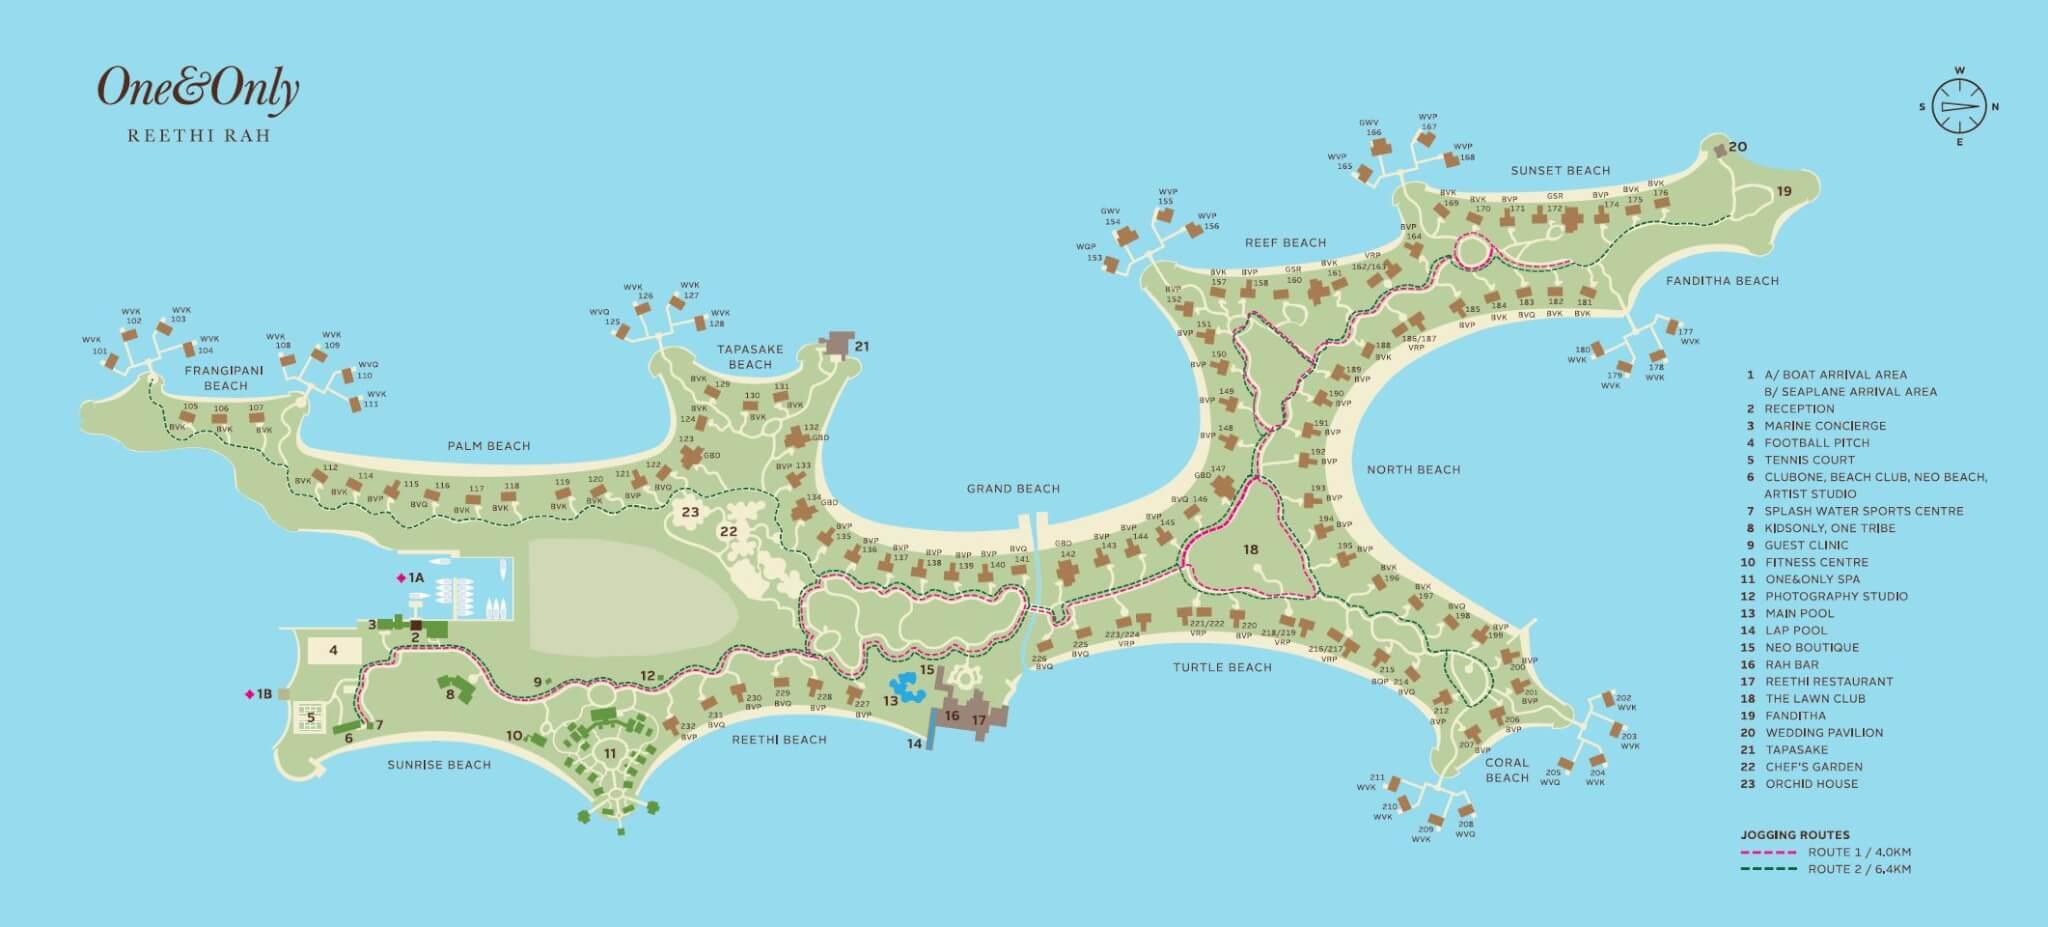 mappa One&Only Reethi Rah Maldive, Map Maldives